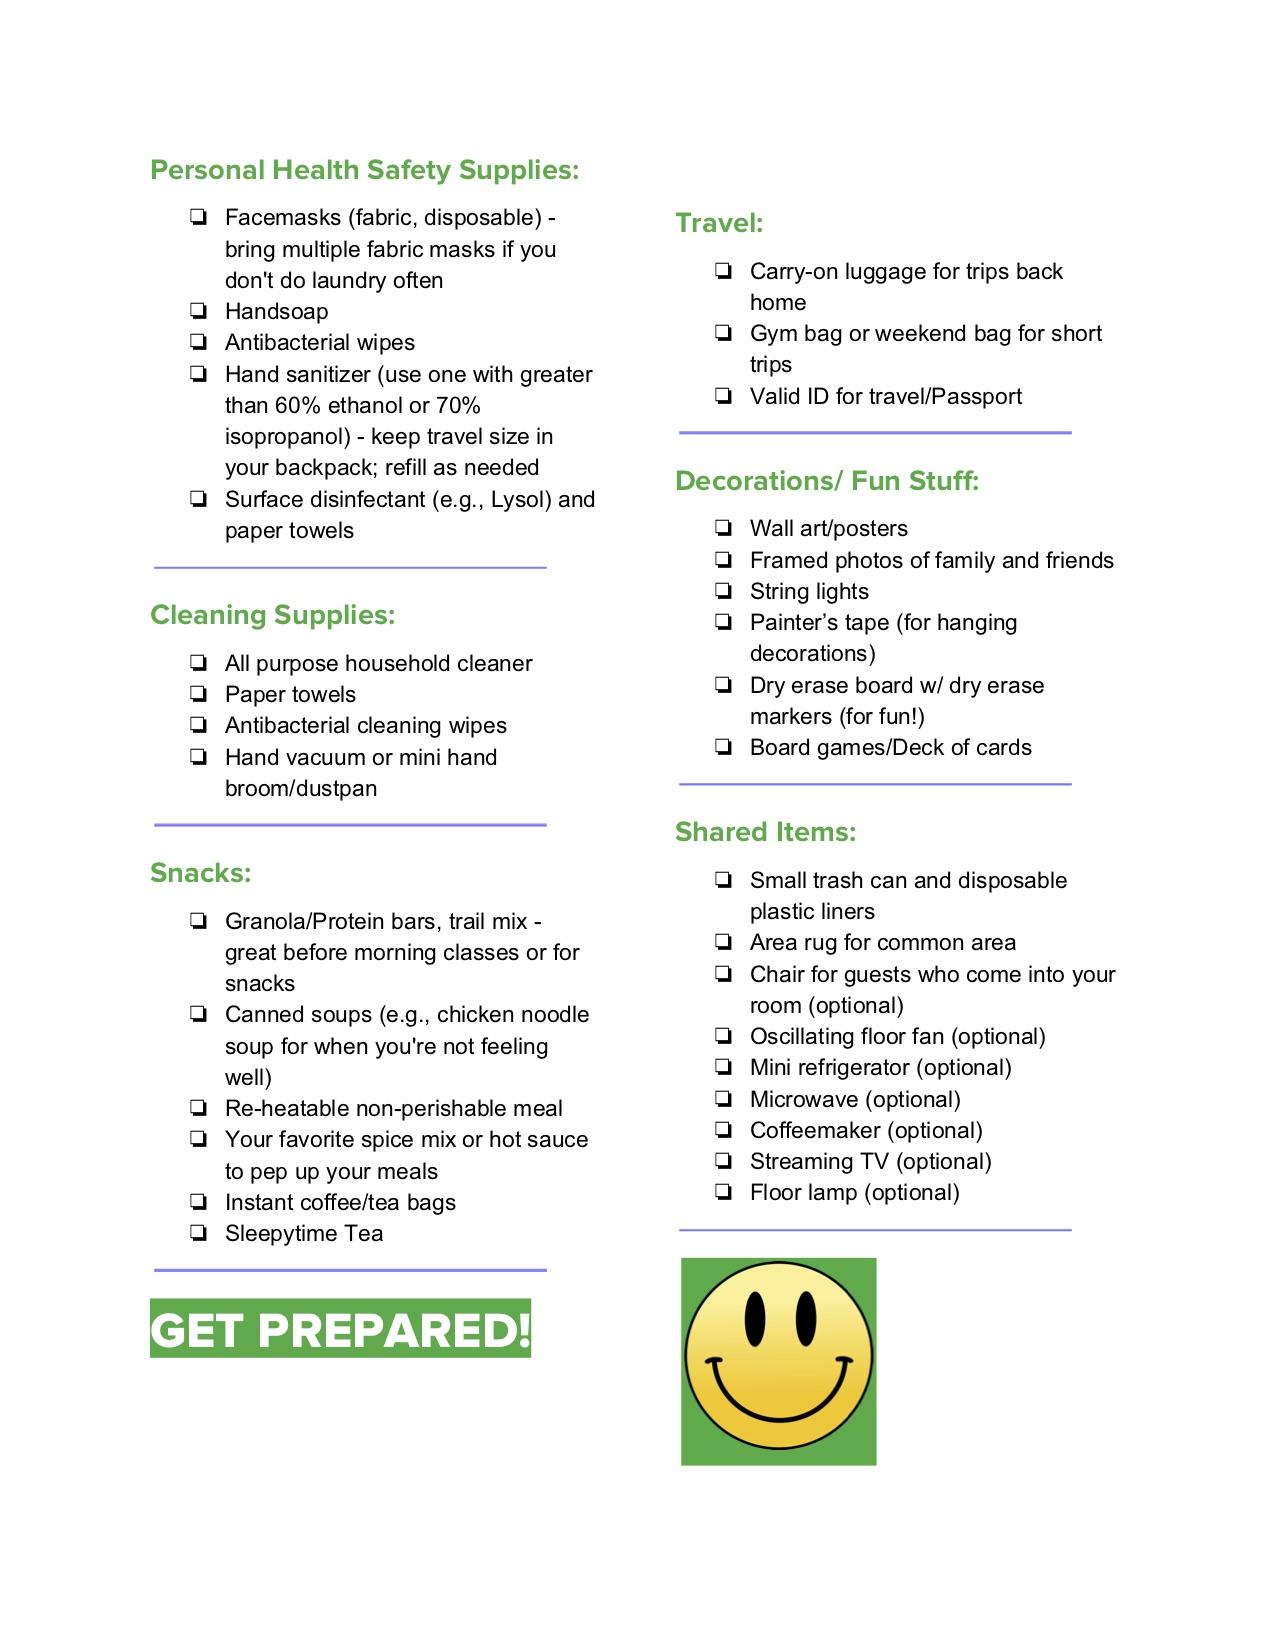 Lista de verificação da mudança da faculdade - vida saudável de Jeanette 3